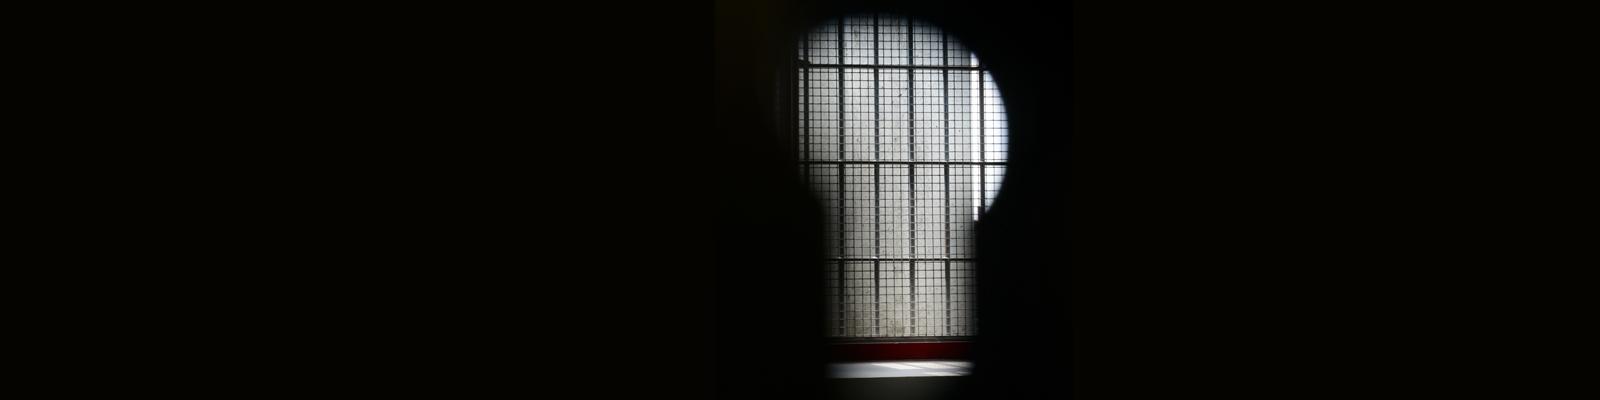 Blick durch ein freies Schlüsselloch in eine Zelle mit vergittertem Fenster der Sicherungsverwahrung  in der Justizvollzugsanstalt Schwalmstadt.